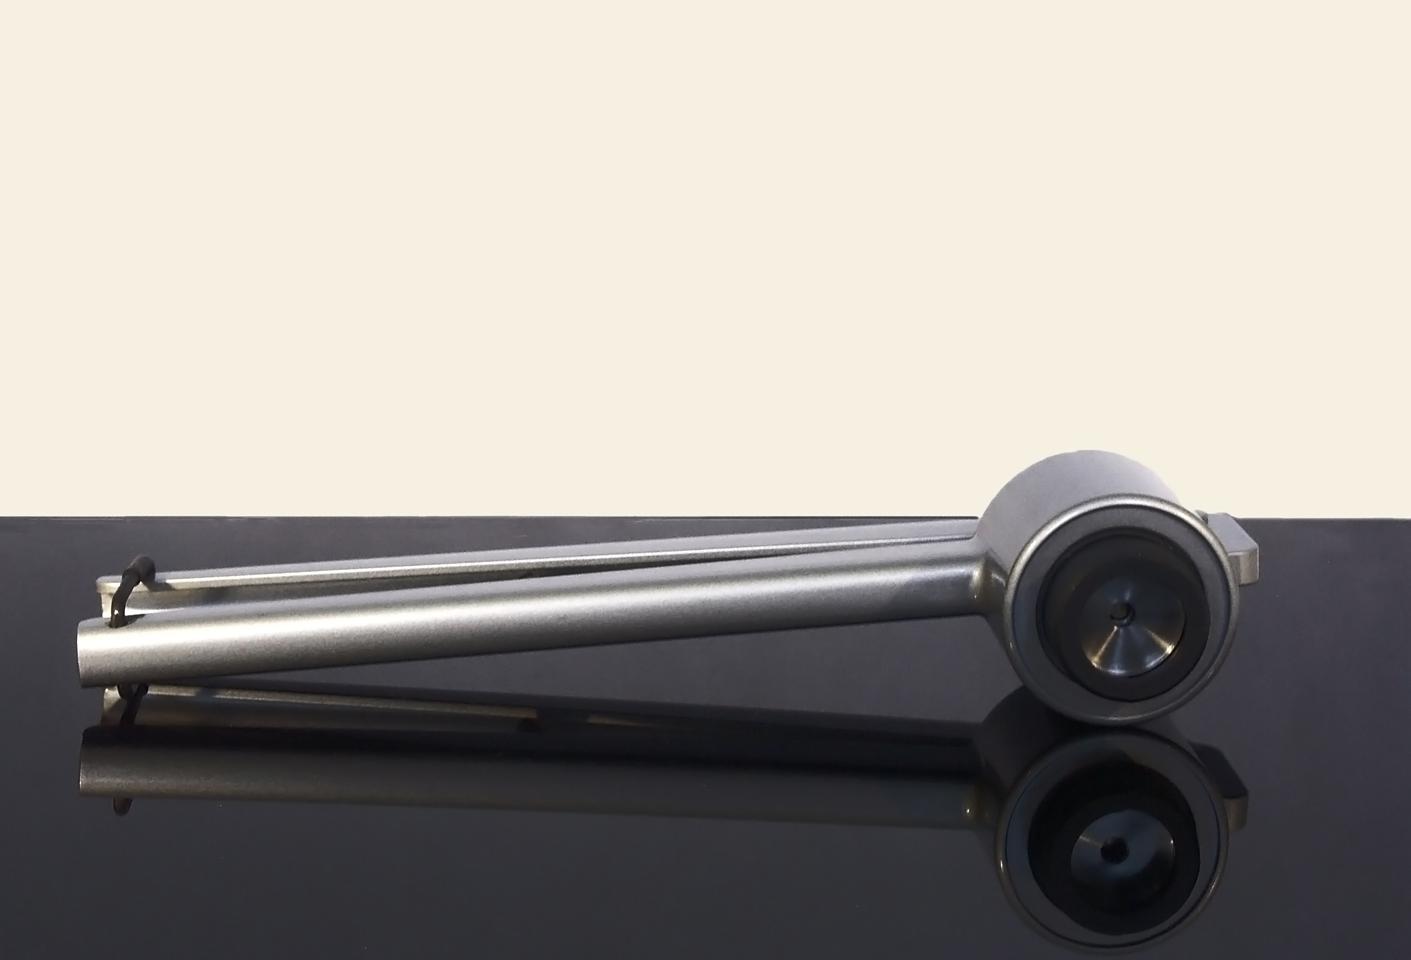 Kleště pro otevírání lékovek průměr 13 mm KO 13